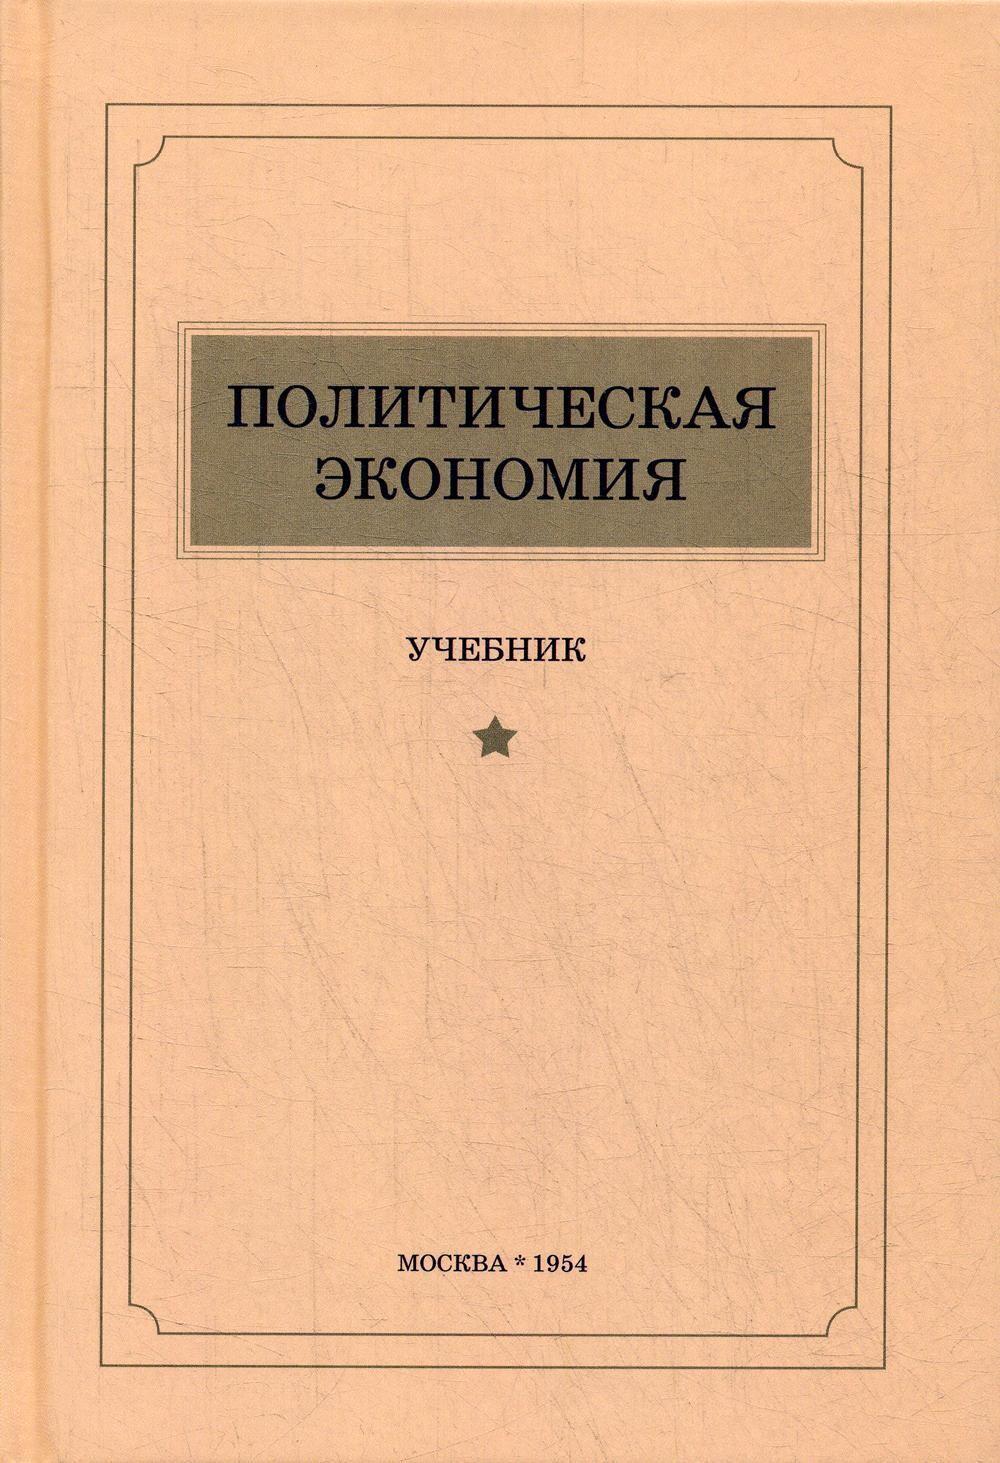 Политическая экономия. Островитянов К.В. 1954